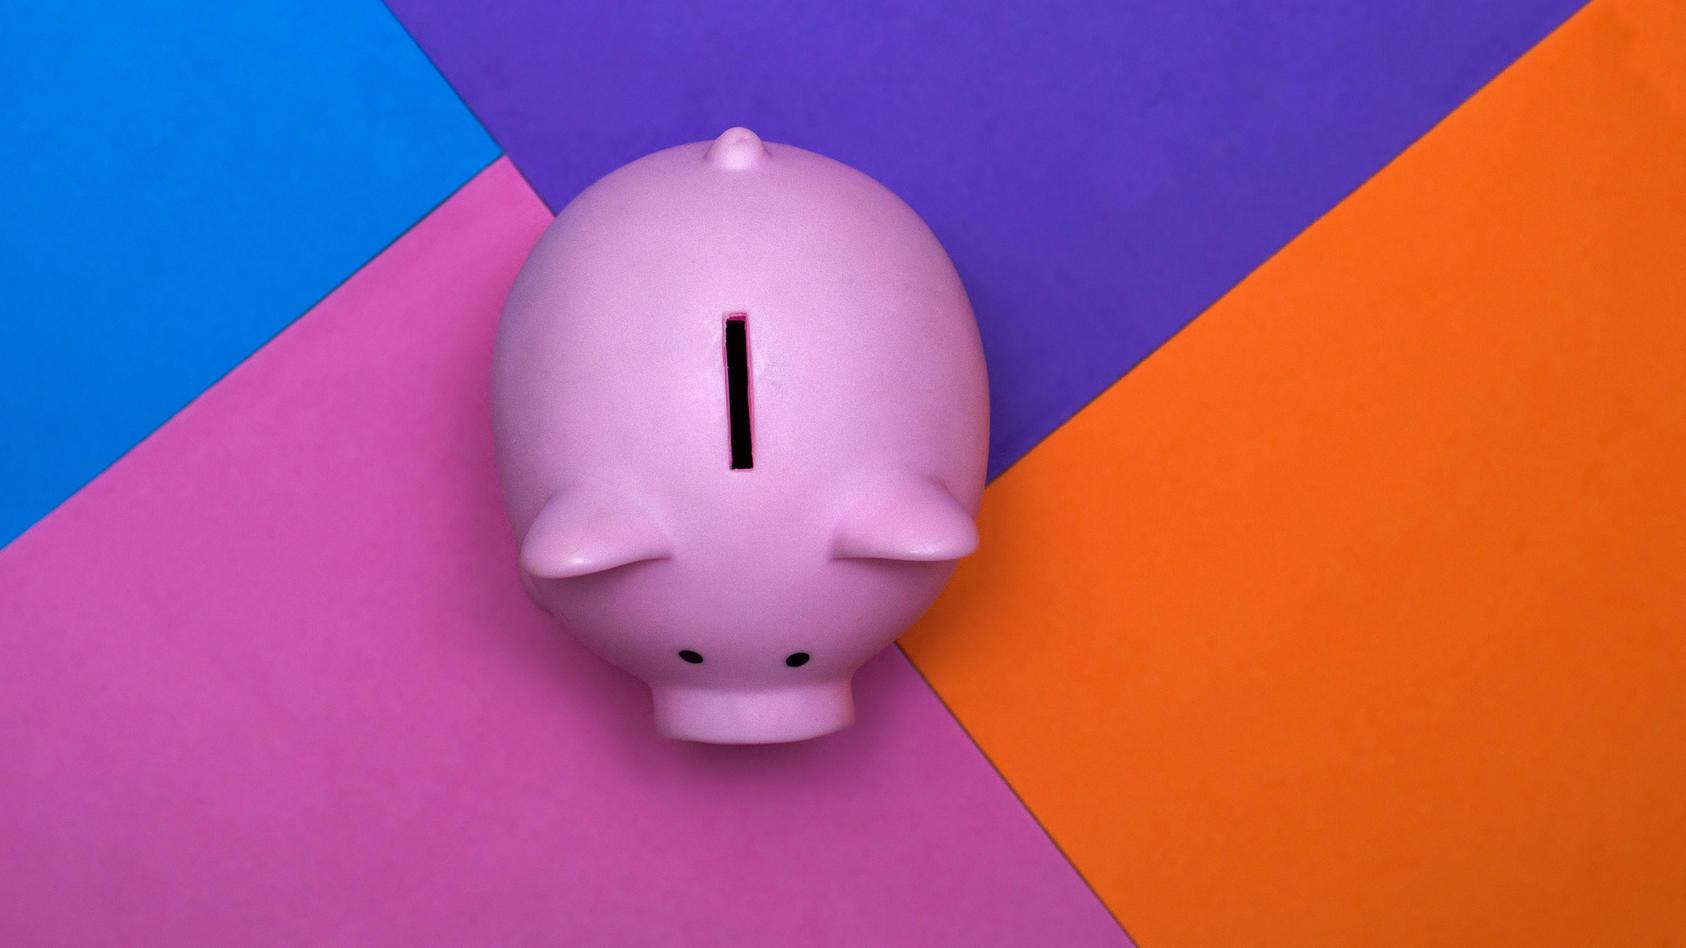 Bei der derzeitigen Zinslage kann es sogar sein, dass man beim Sparen Geld verliert. Finanztest verrät, wo man das verhindern kann.